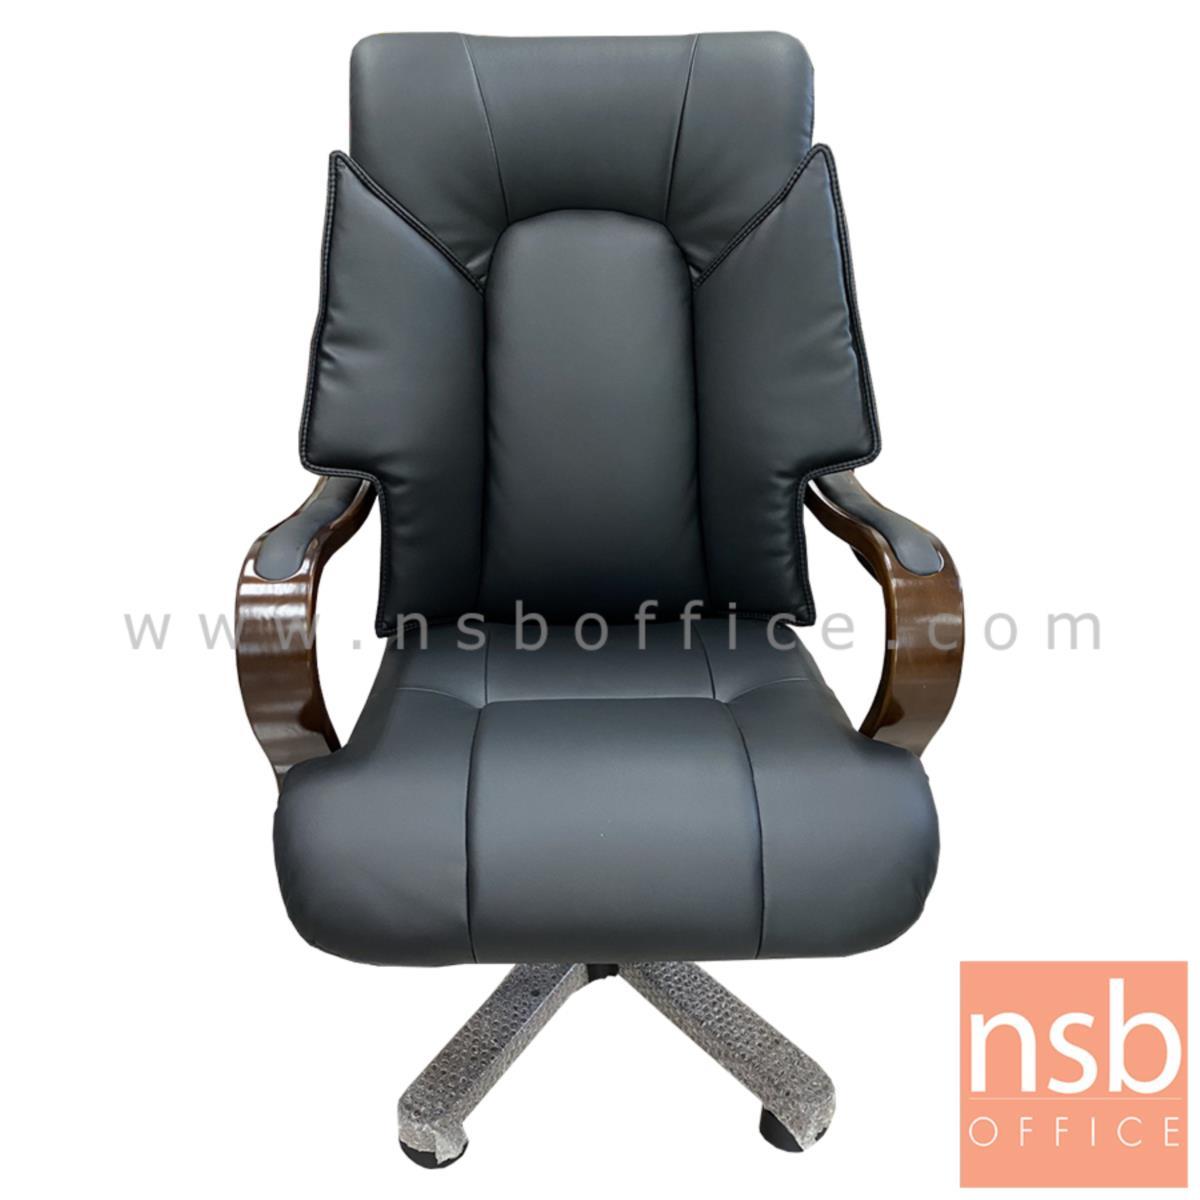 เก้าอี้ผู้บริหารหนัง PU รุ่น Swin (สวิน)  ขาไม้